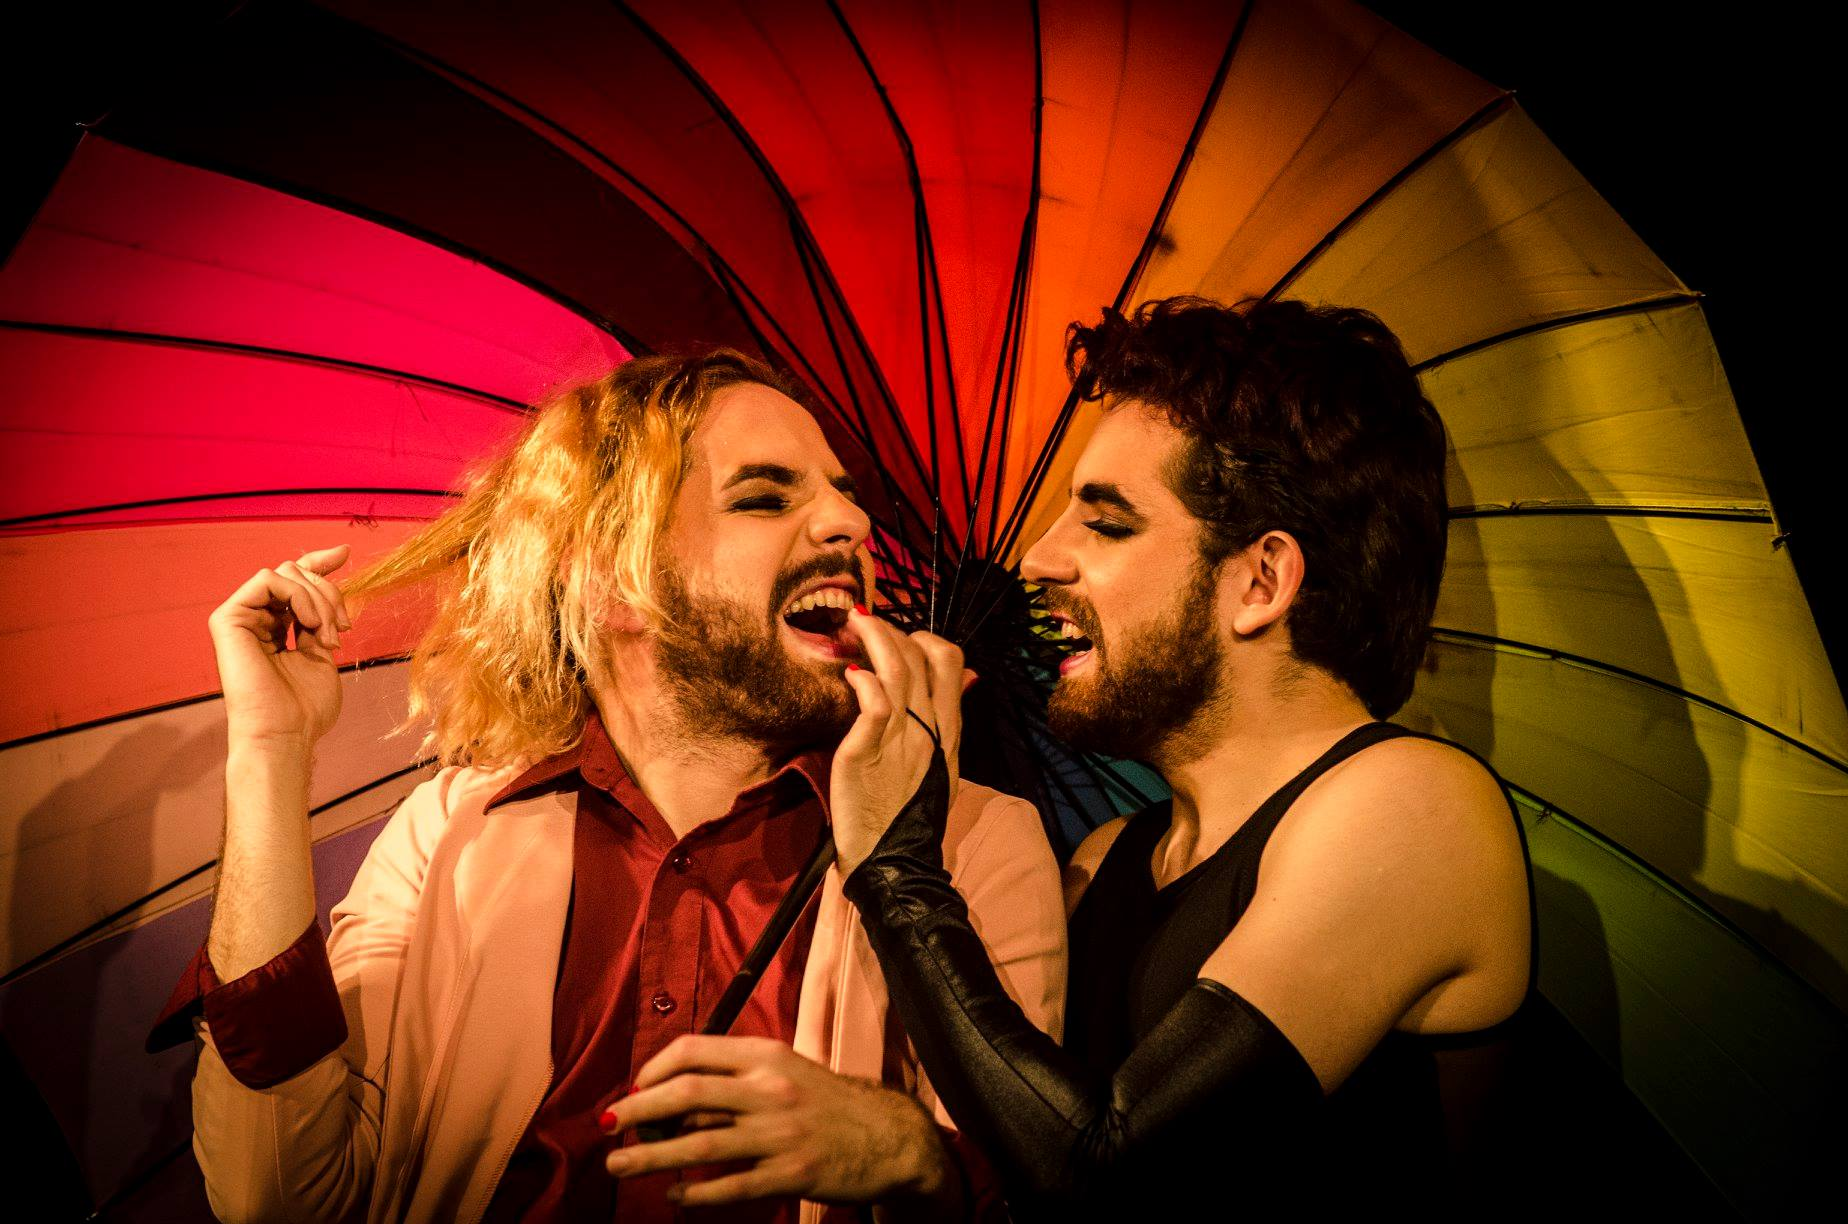 Tres conjuntos teatrales presentan en Hurlingham la varieté 'Dúos al borde'